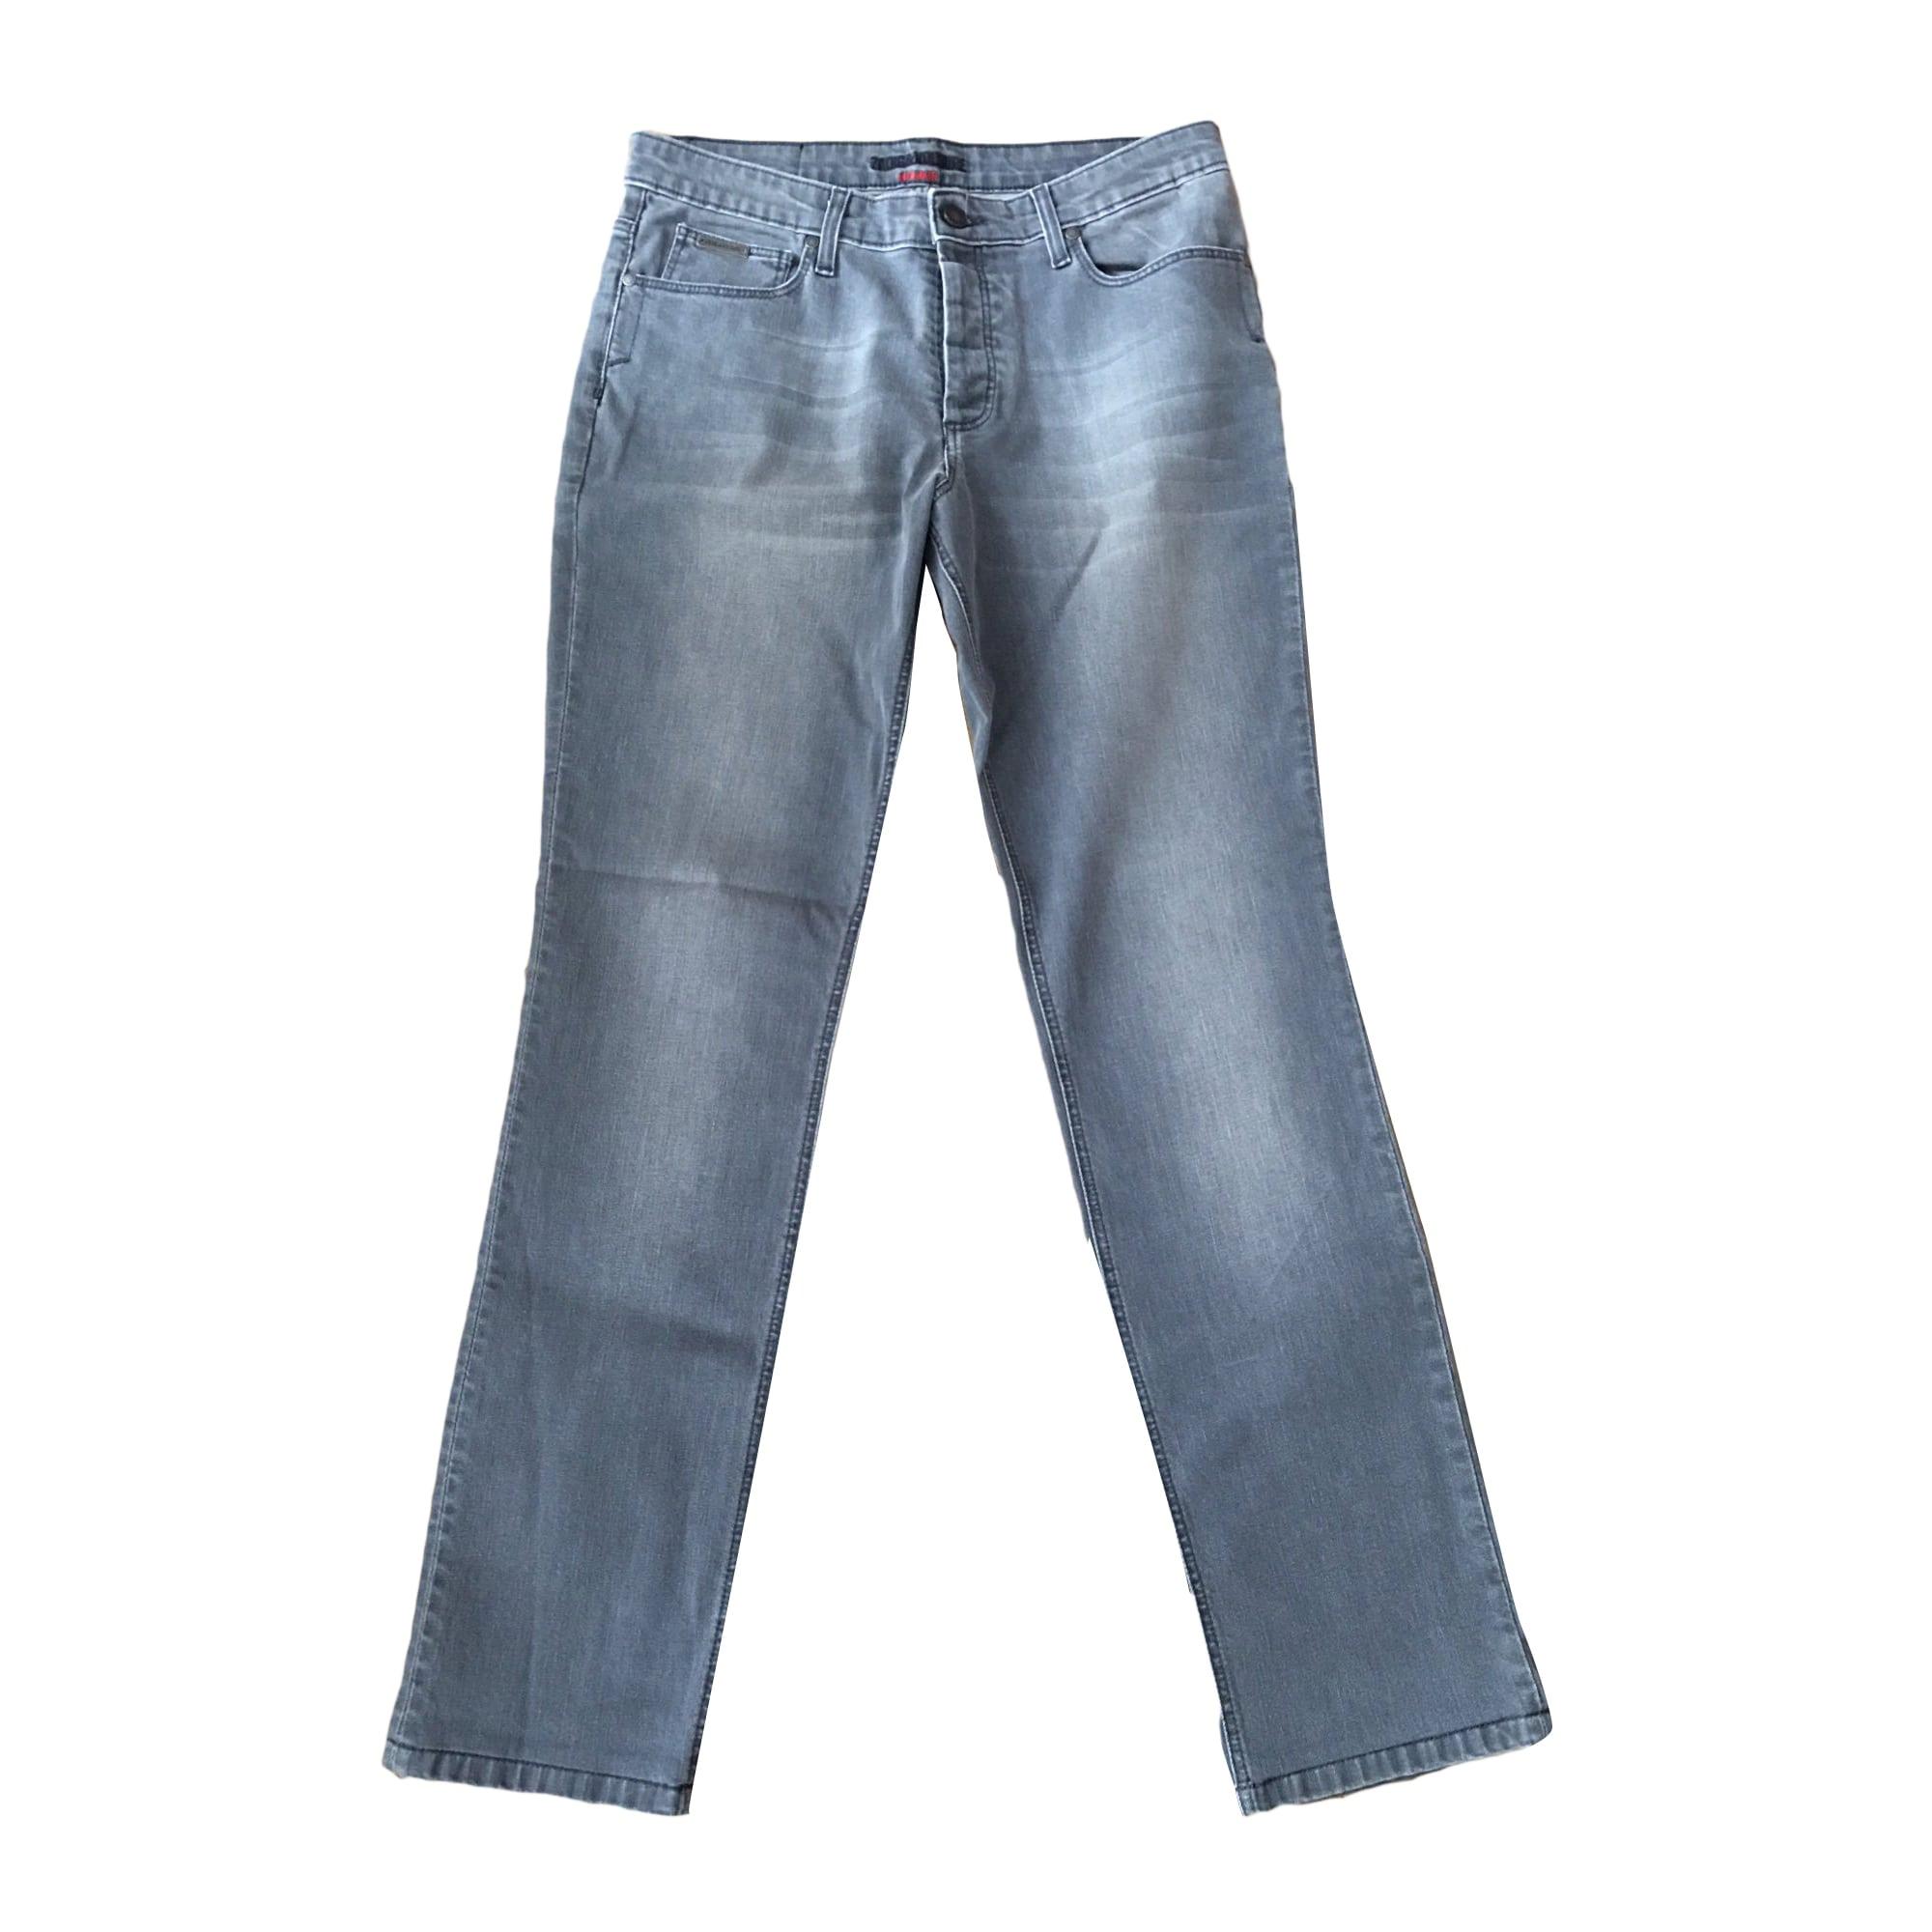 Jeans droit ZADIG & VOLTAIRE Gris, anthracite